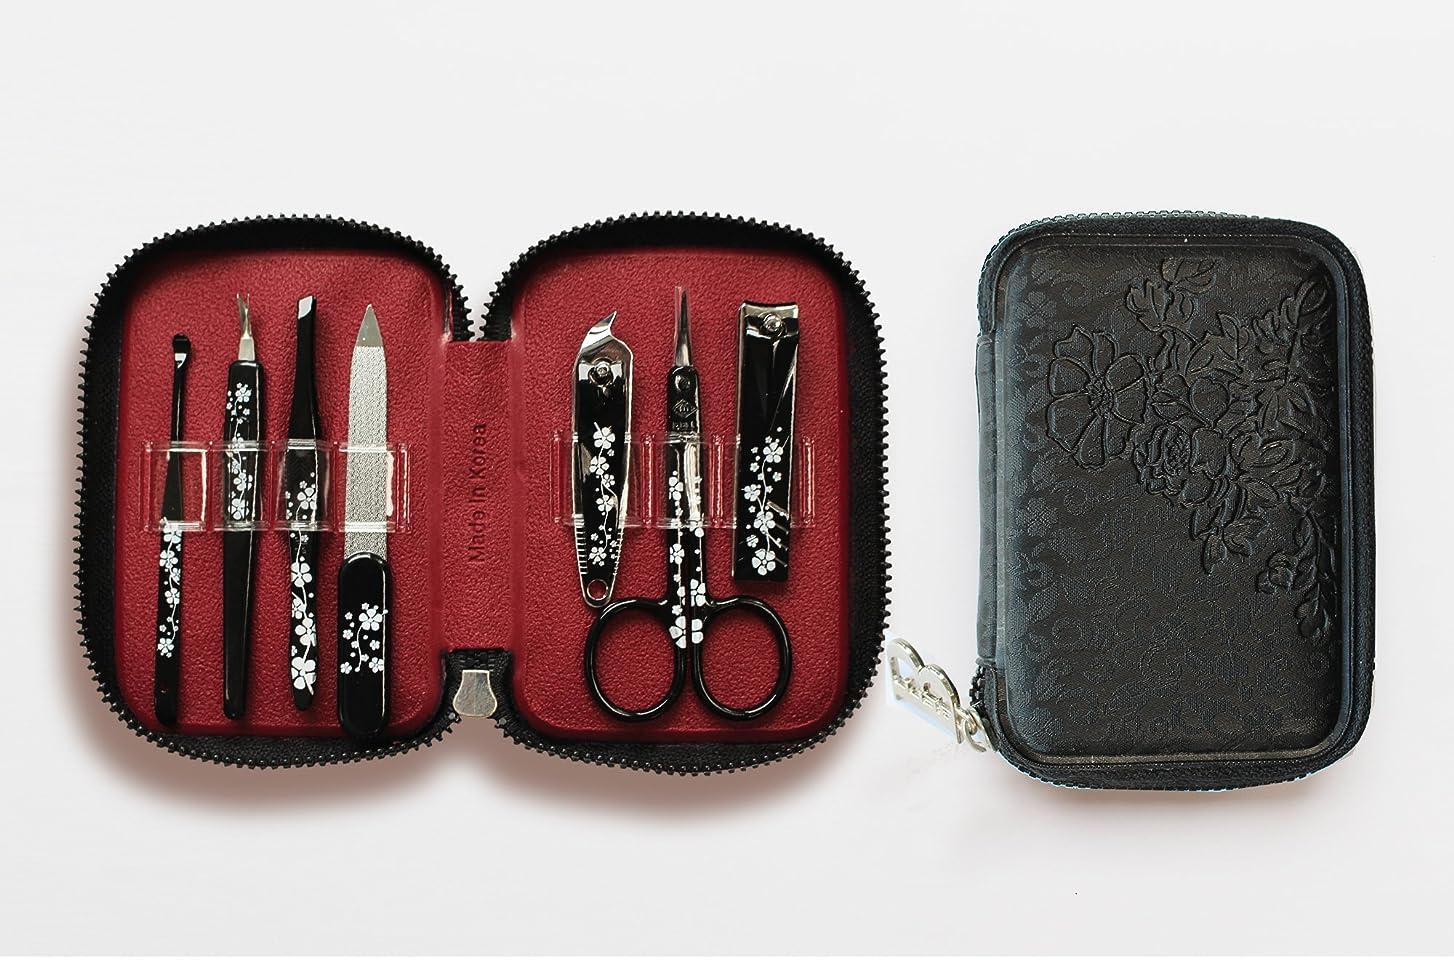 助けになる耐えるヒップBELL Manicure Sets BM-990A ポータブル爪の管理セット 爪切りセット 高品質のネイルケアセット花モチーフのイラストデザイン Portable Nail Clippers Nail Care Set